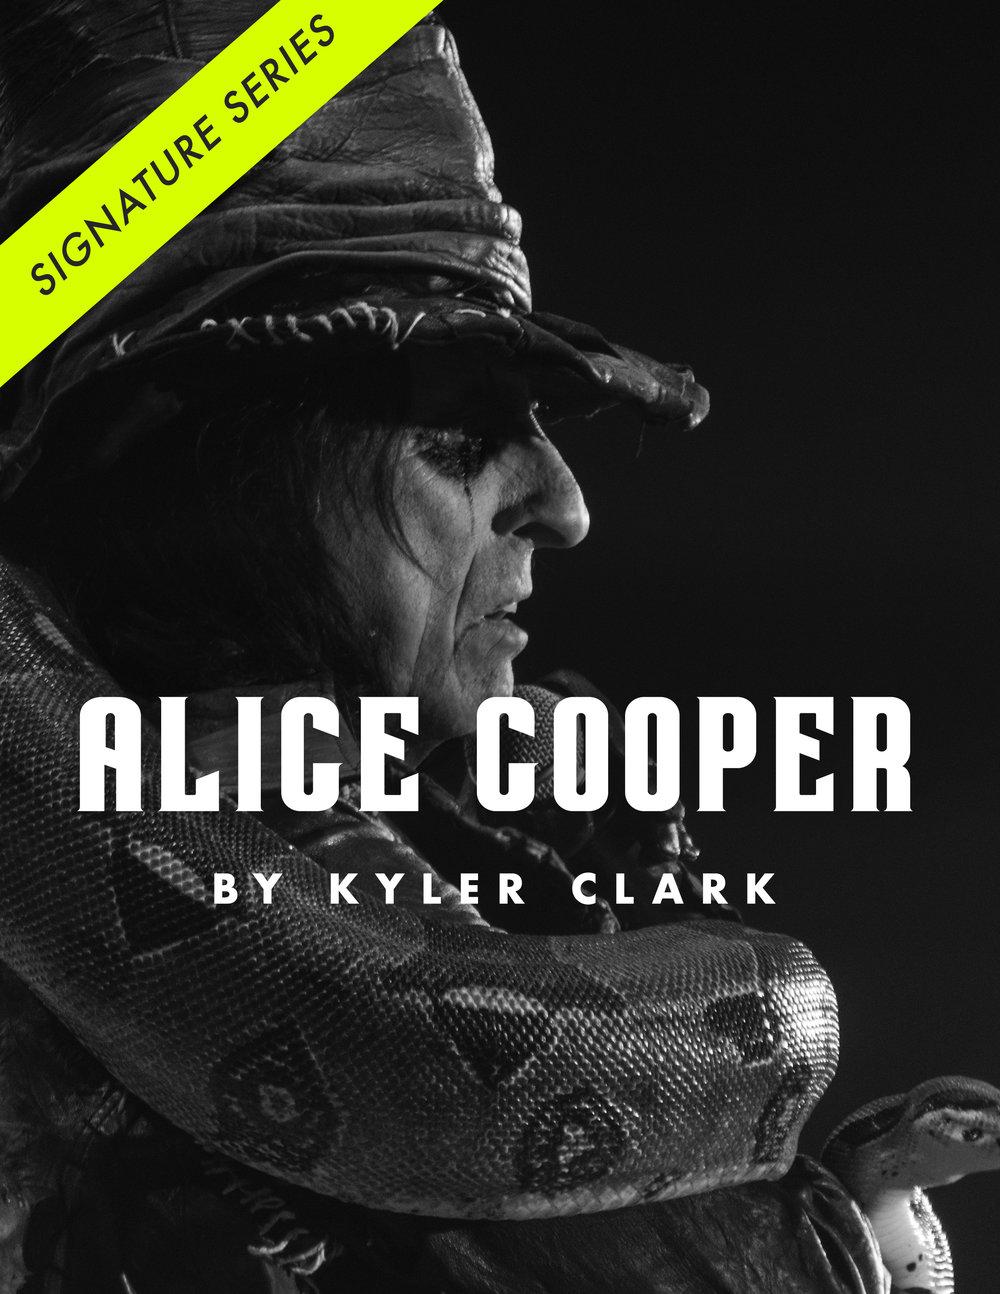 alicecooper_cover.jpg